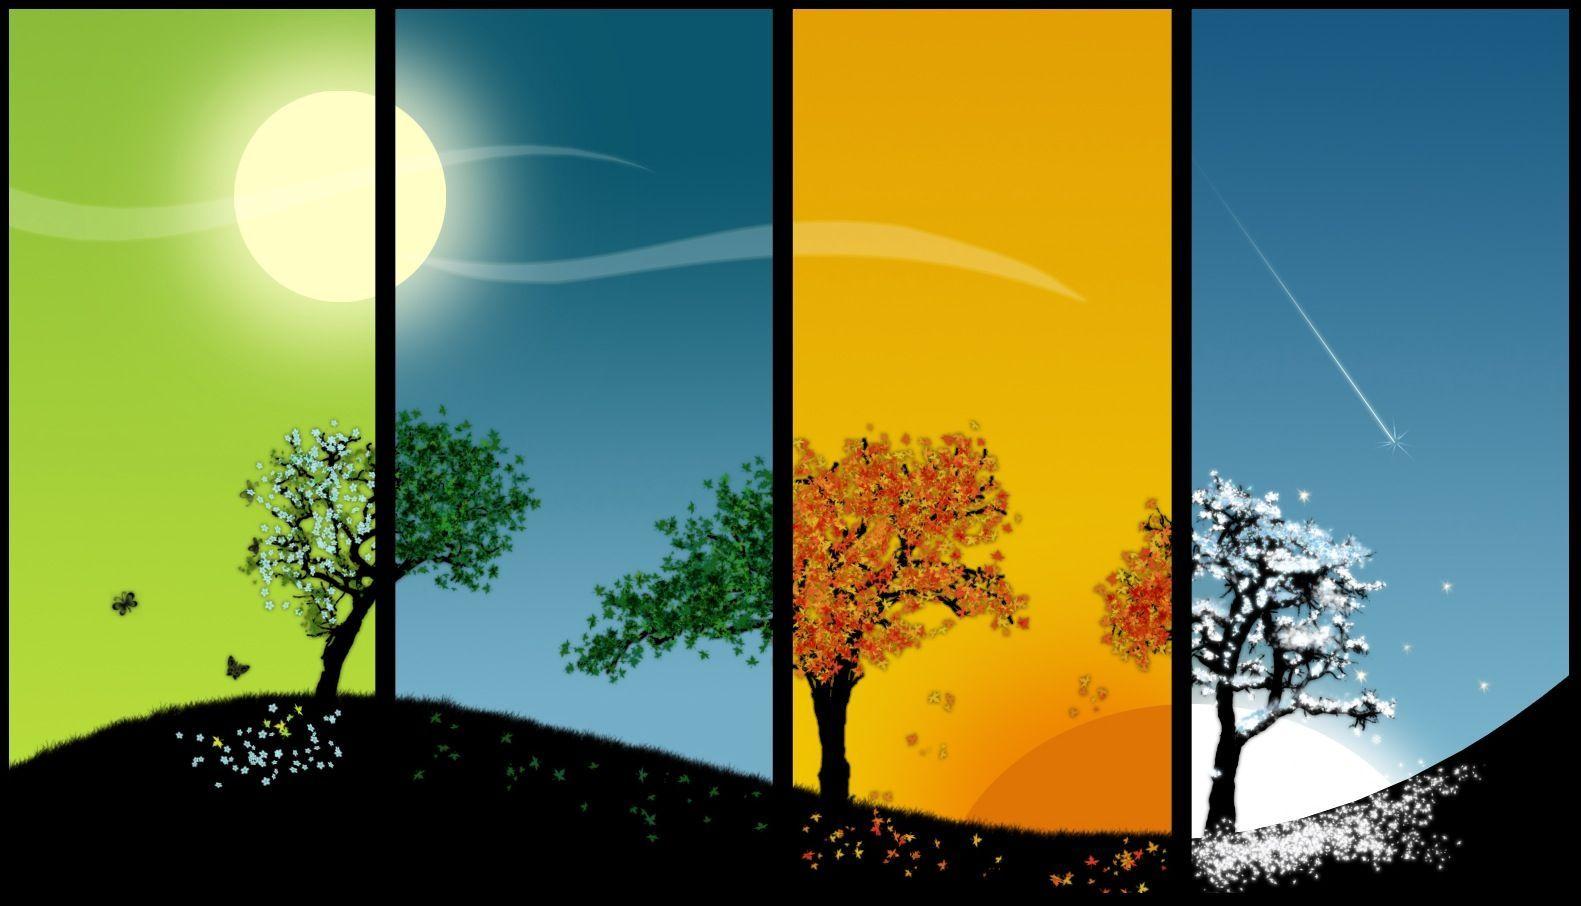 Y por último, ¿Cuál es tu estación del año favorita?